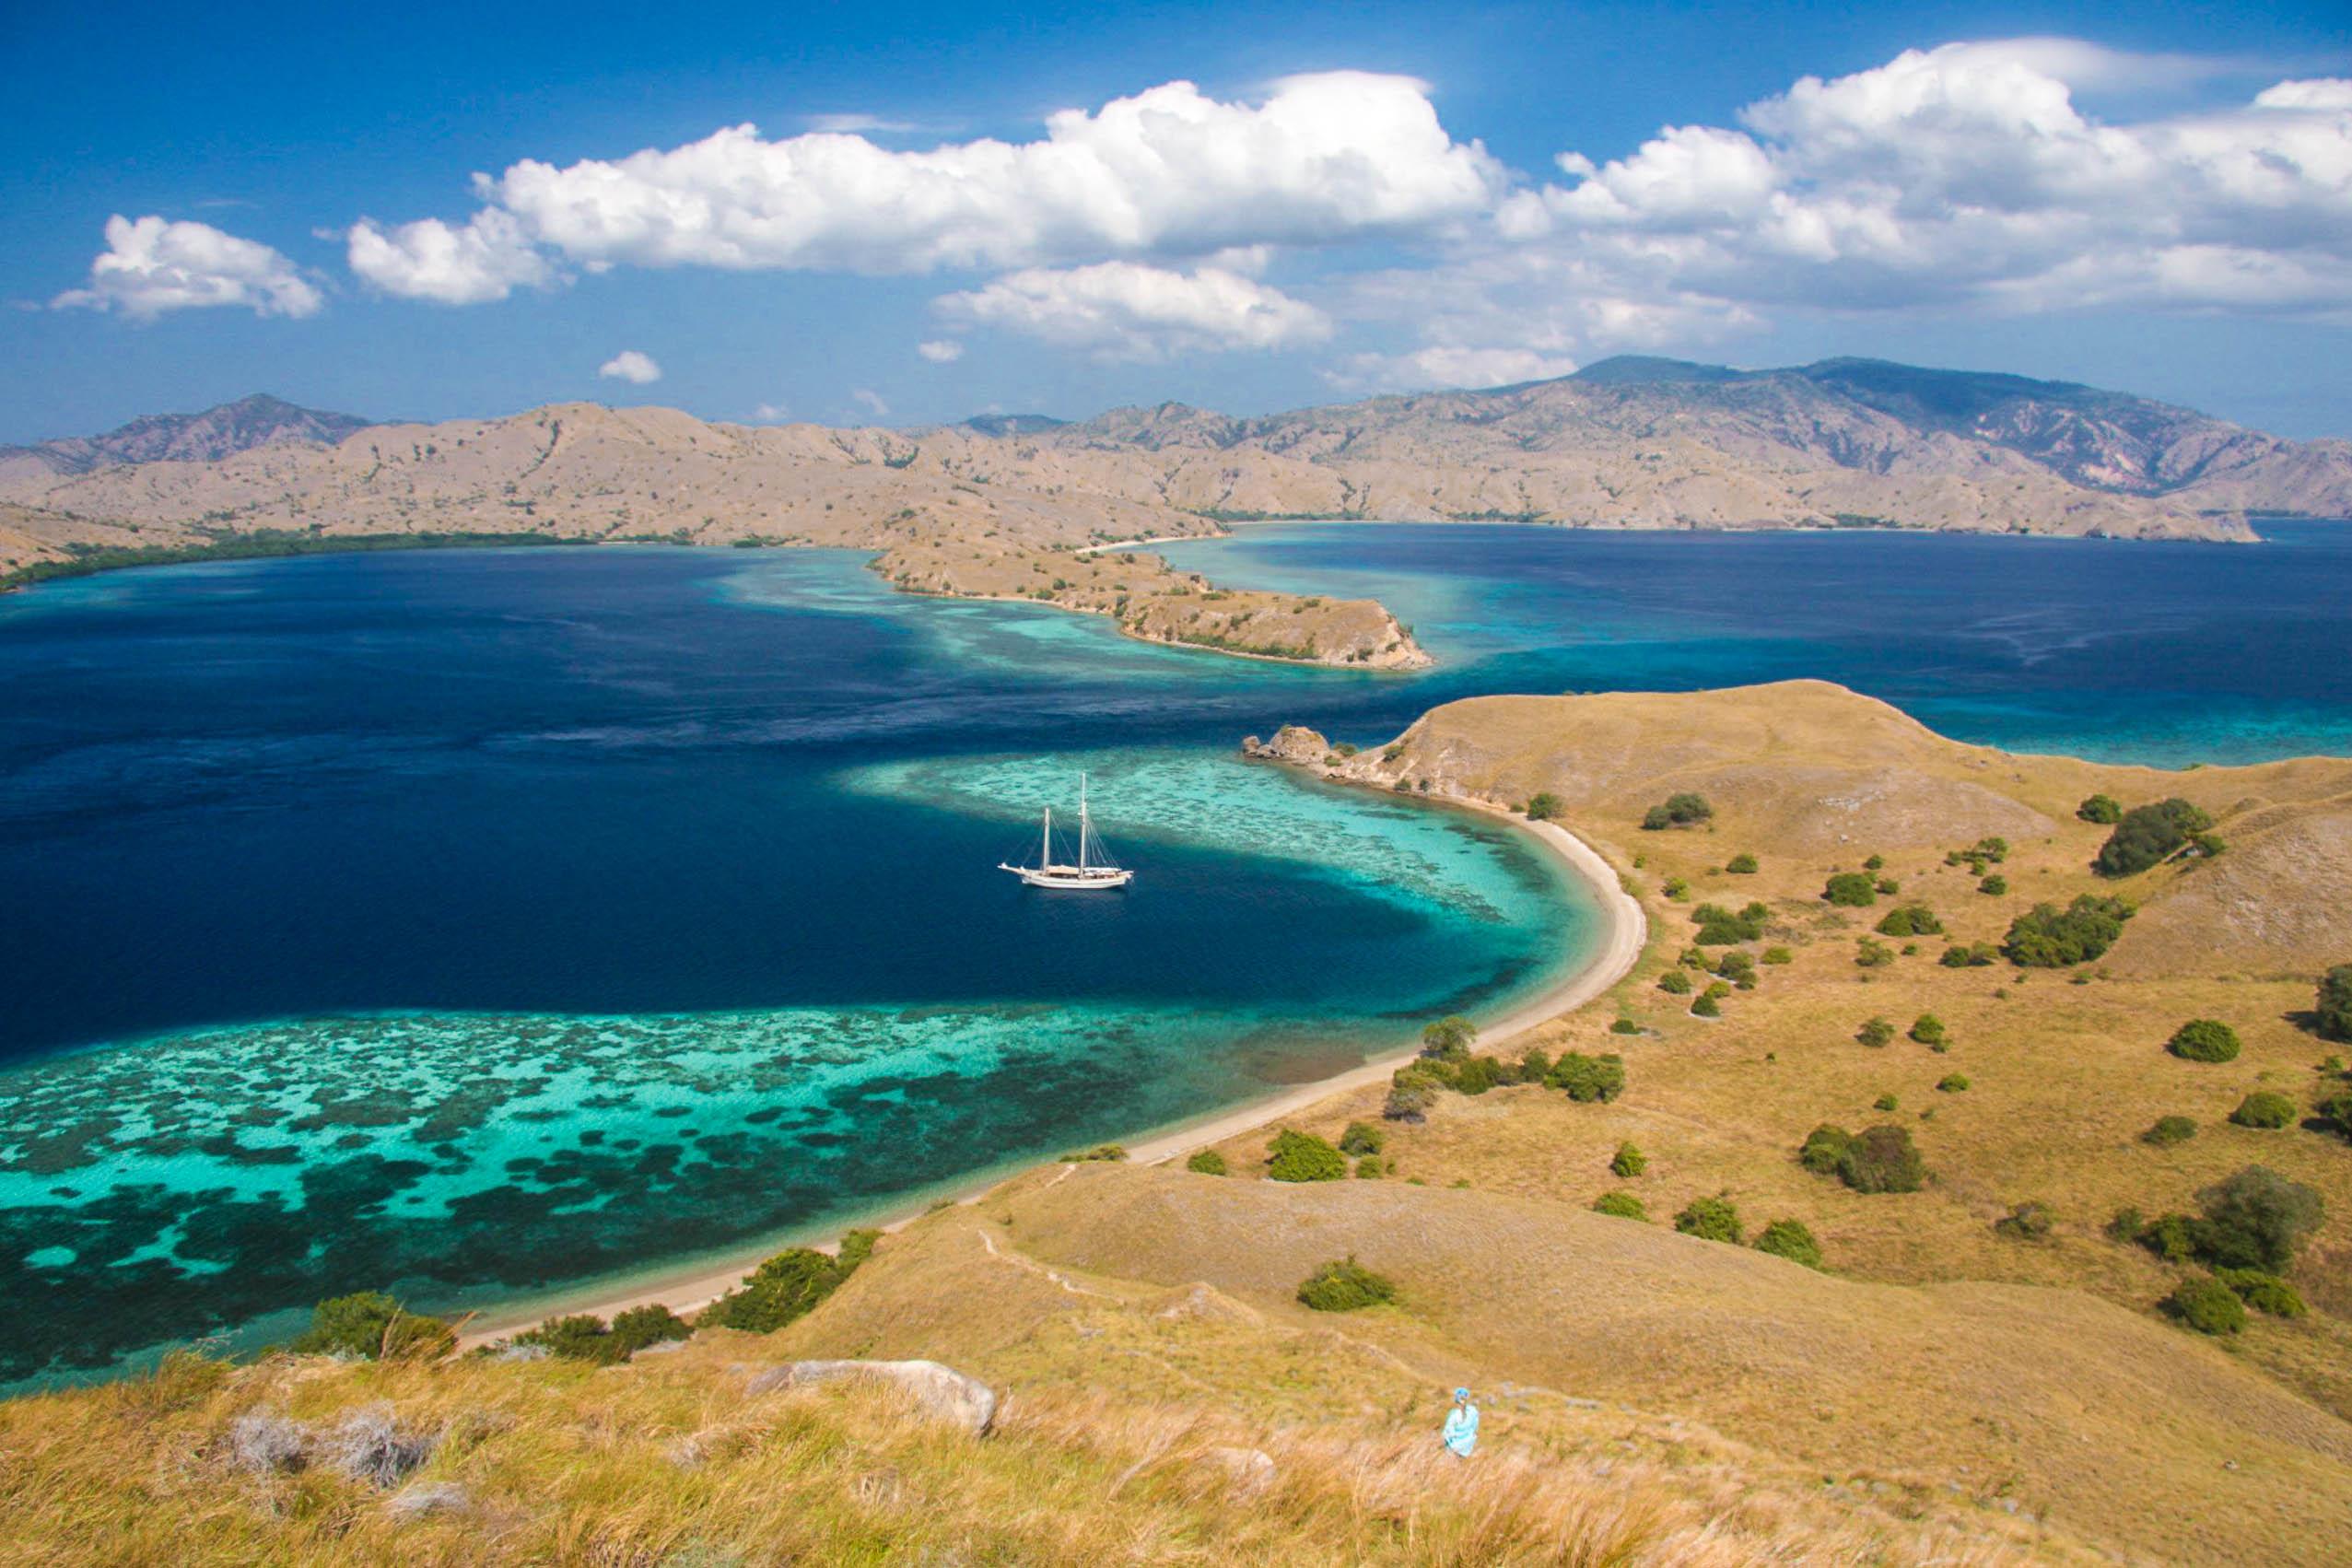 Có thể ngắm khung cảnh tuyệt vời nhất từ hòn đảo